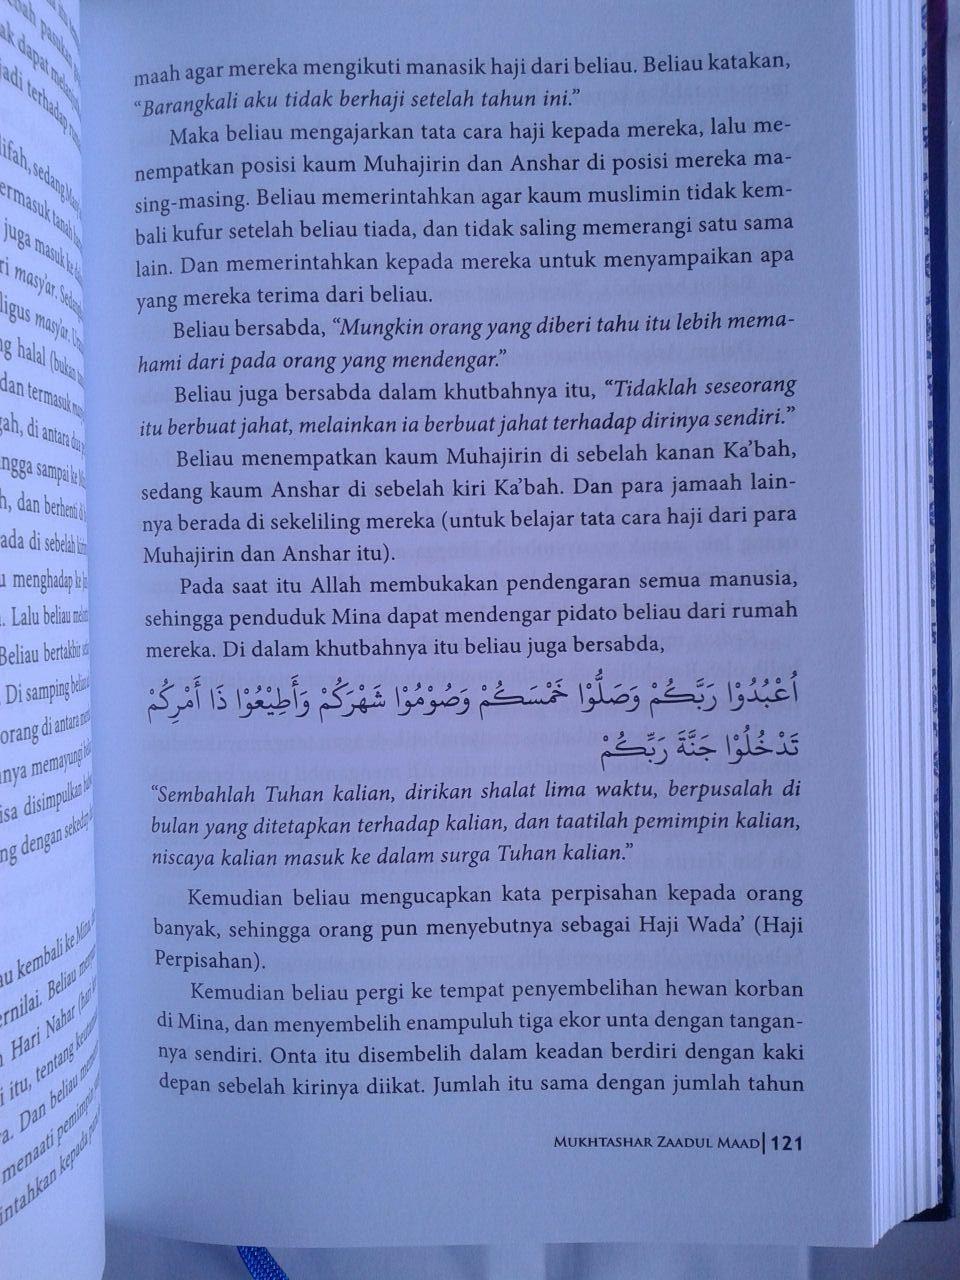 Buku Mukhtashar Zaadul Maad Bekal Hidup Muslim isi 2